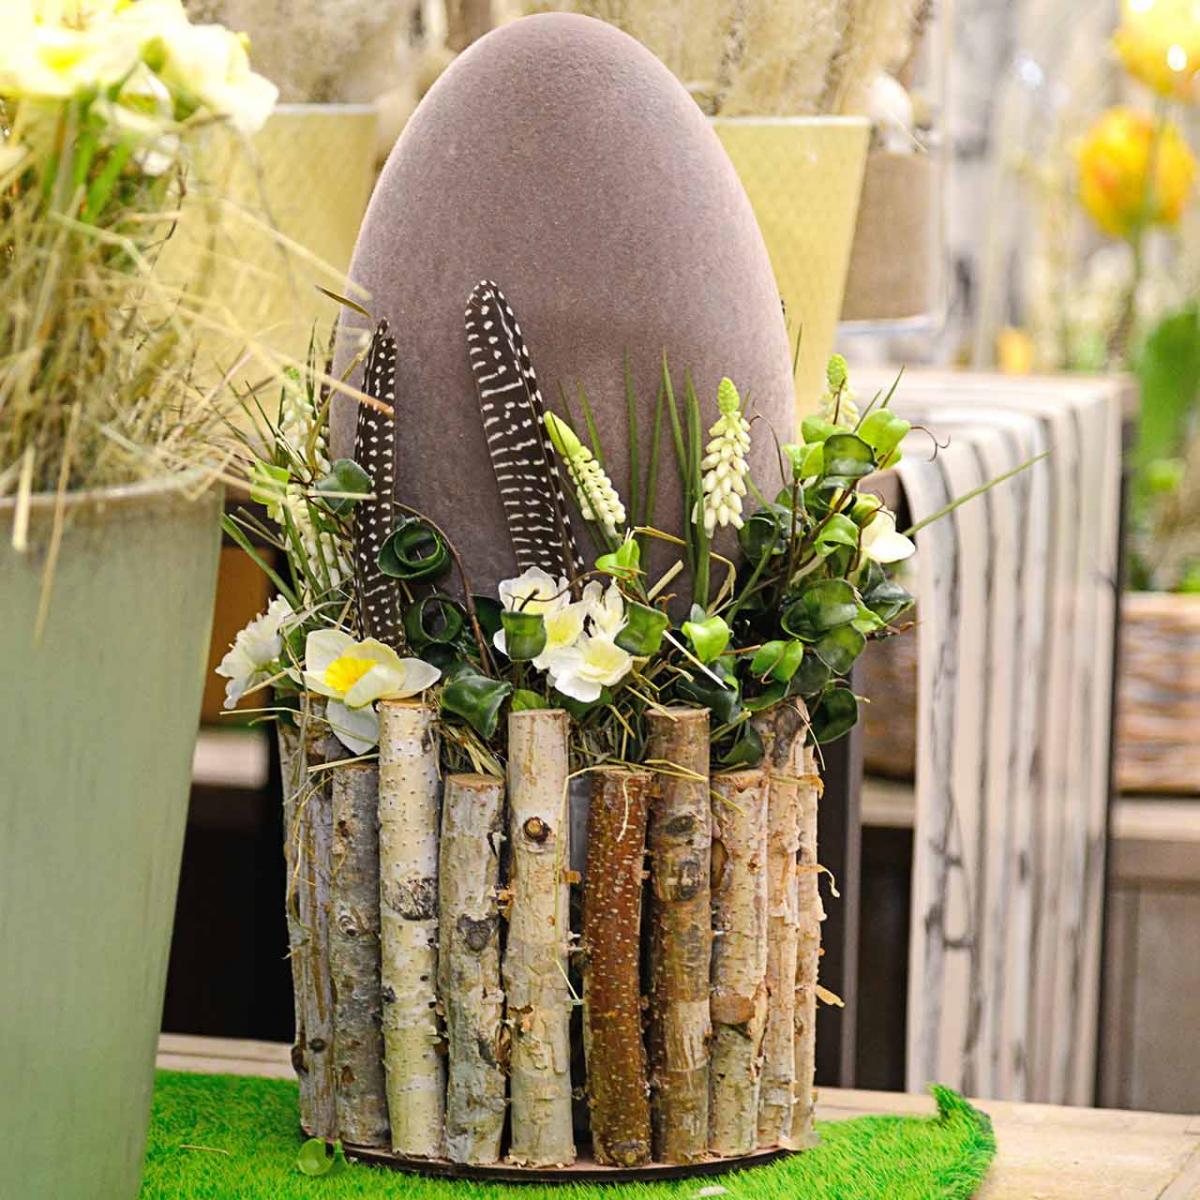 Paasei stroomden H25cm Gekleurde eieren Paasdecoratie